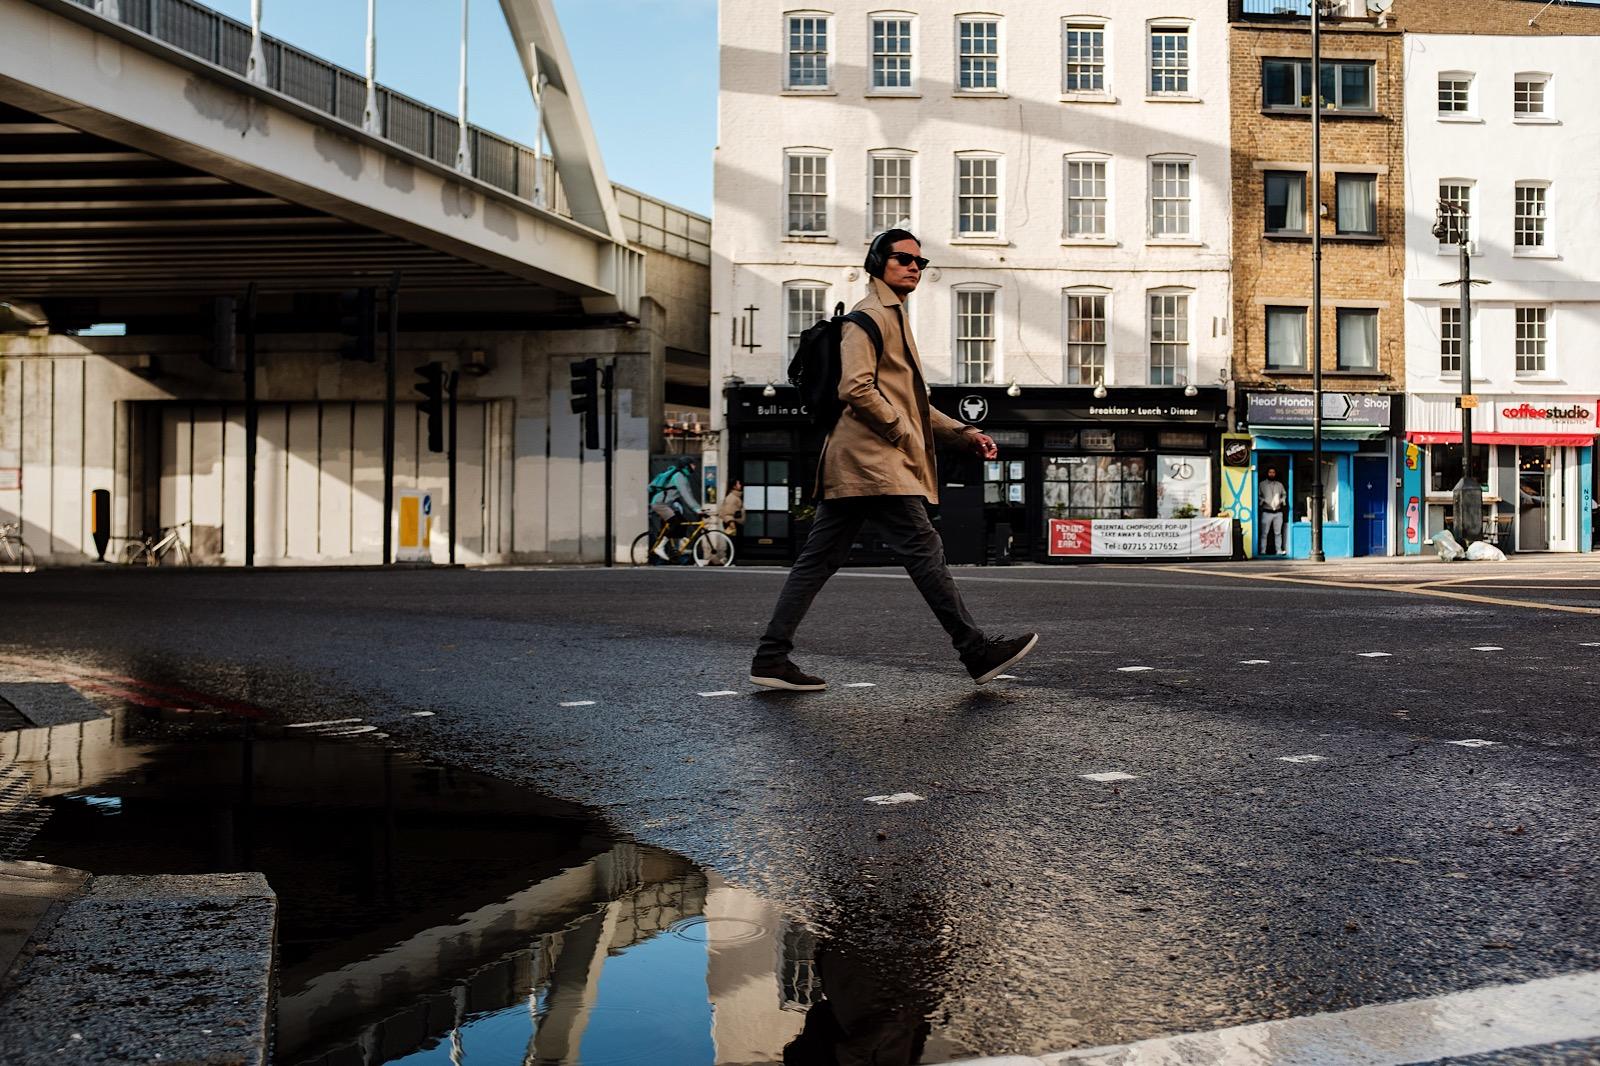 Man walking through Lodon streets wearing headphones